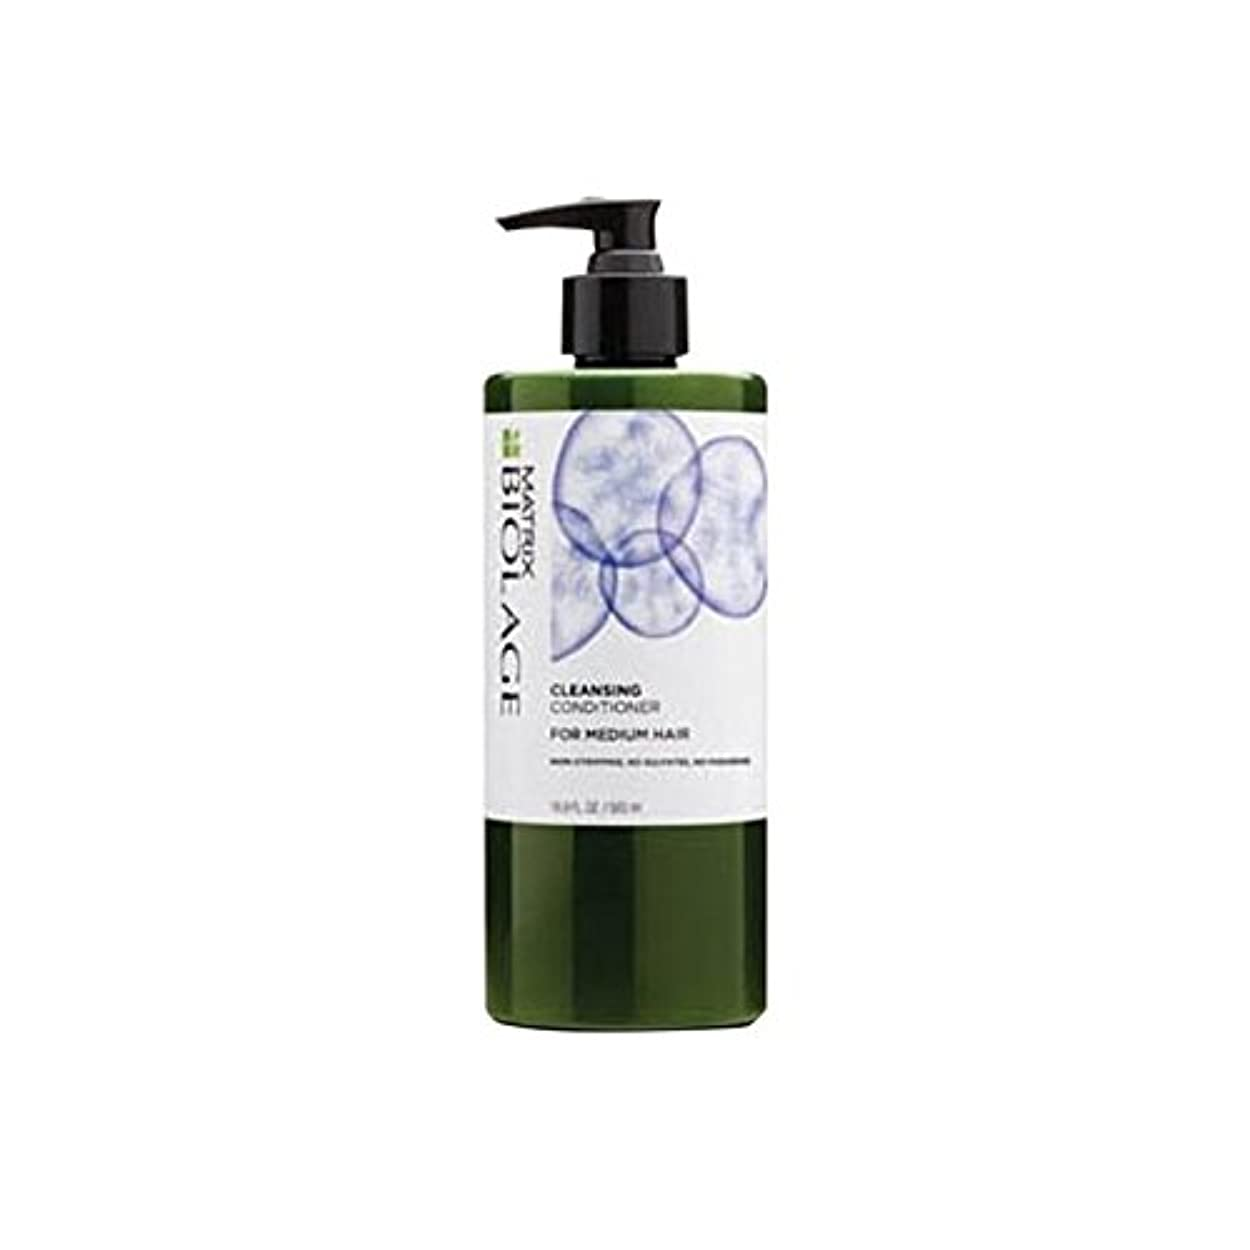 サイズジャンプする葉っぱマトリックスバイオレイジクレンジングコンディショナー - メディア髪(500ミリリットル) x2 - Matrix Biolage Cleansing Conditioner - Medium Hair (500ml)...